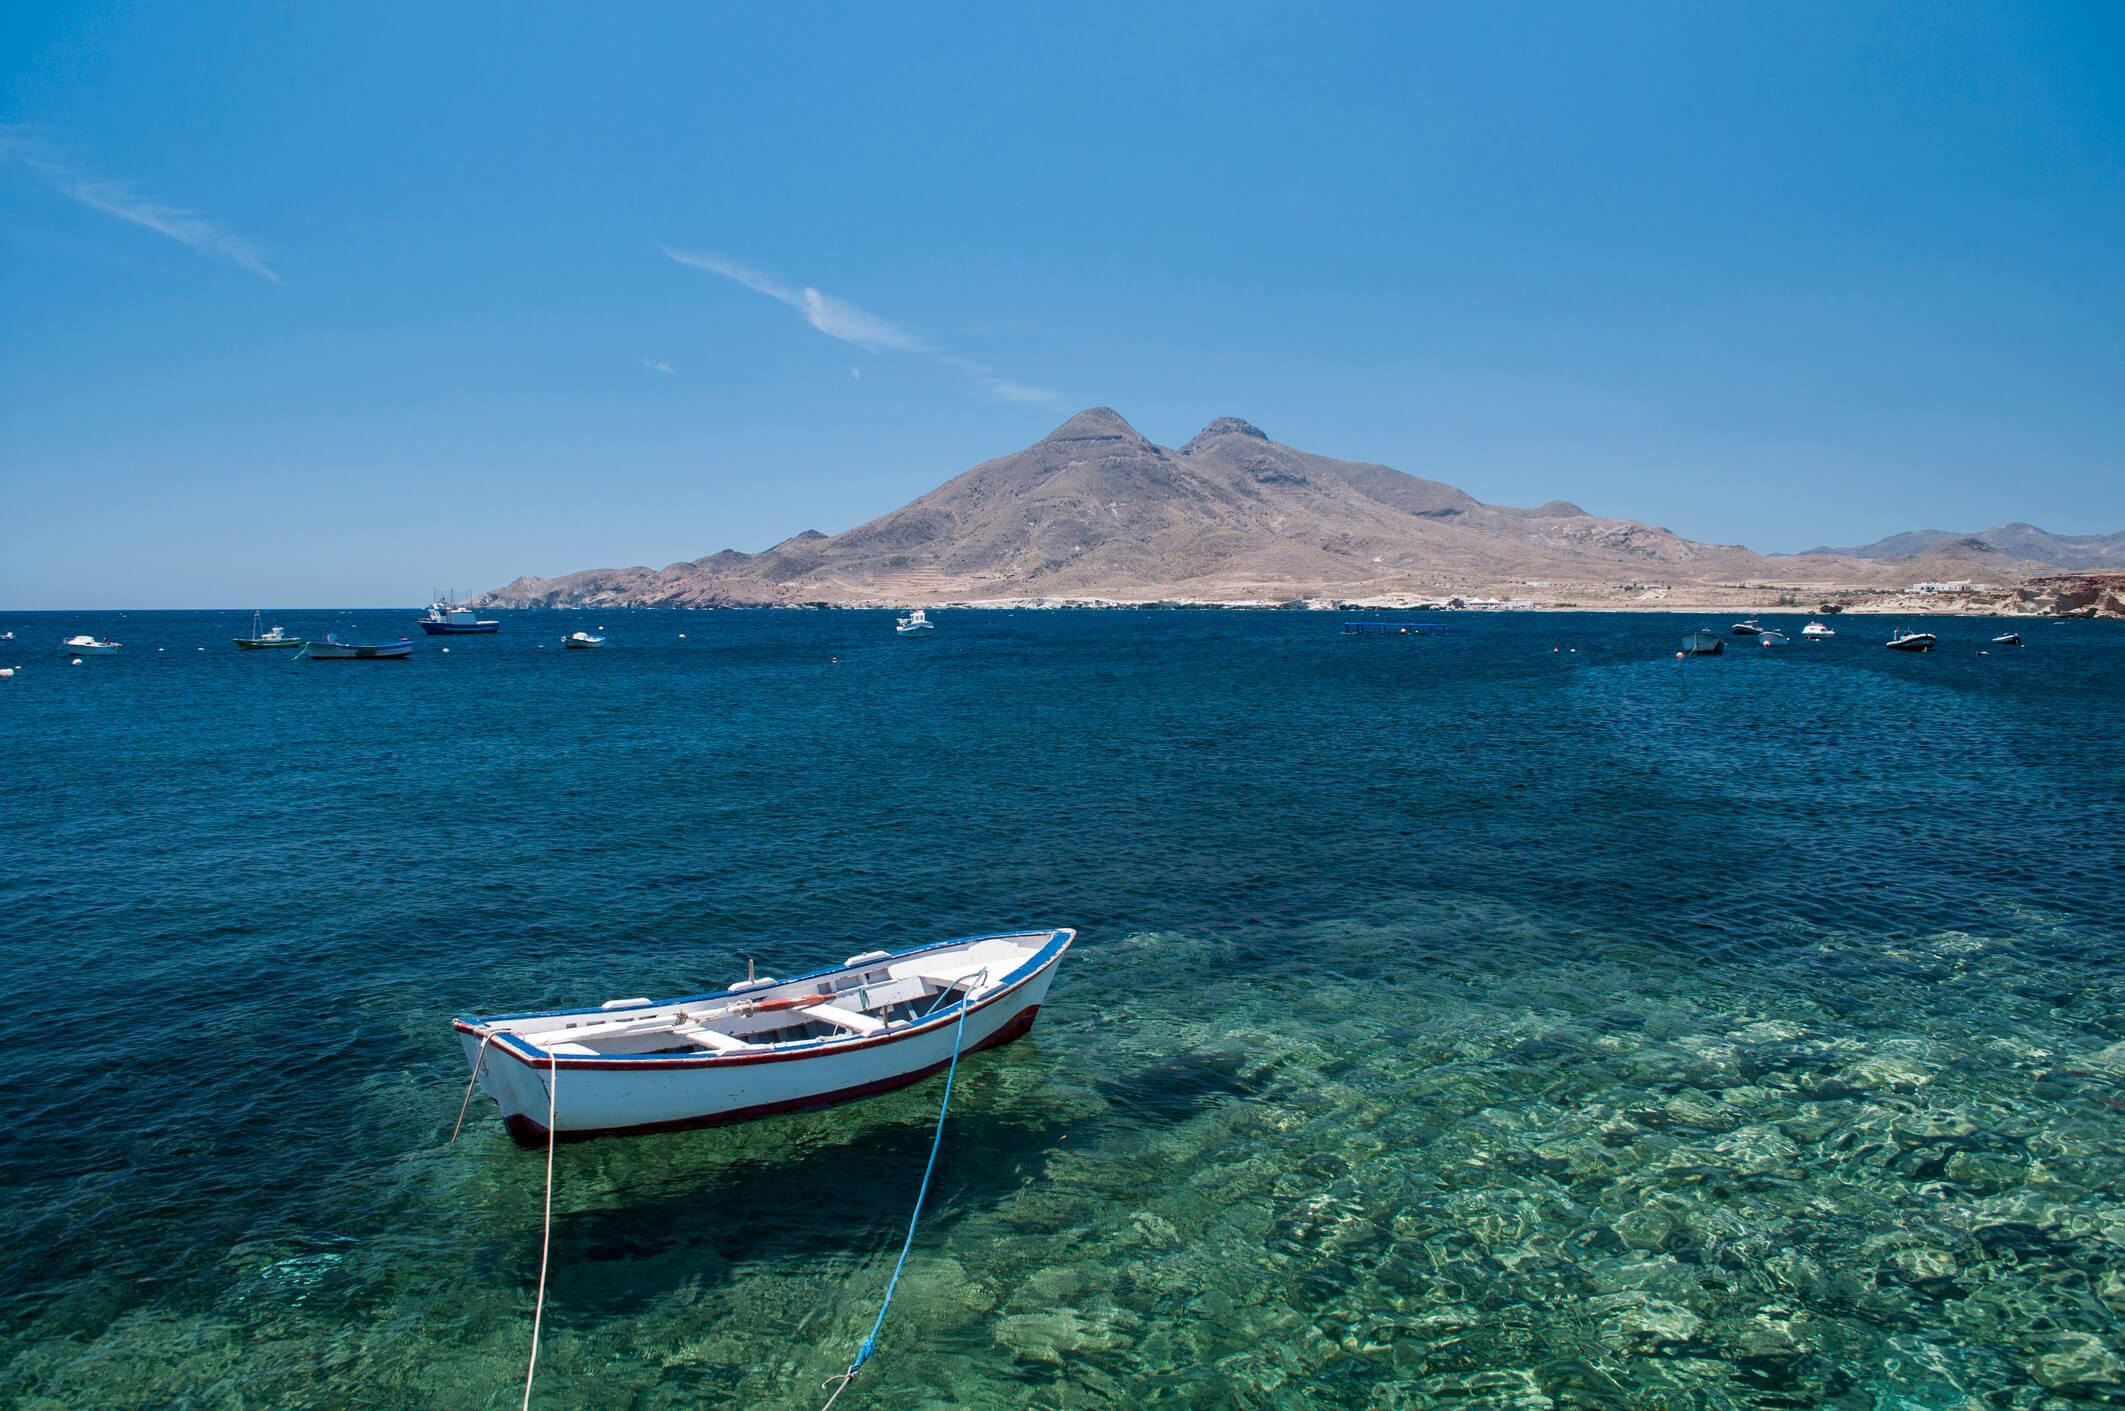 viaje al Cabo de Gata, Pesca